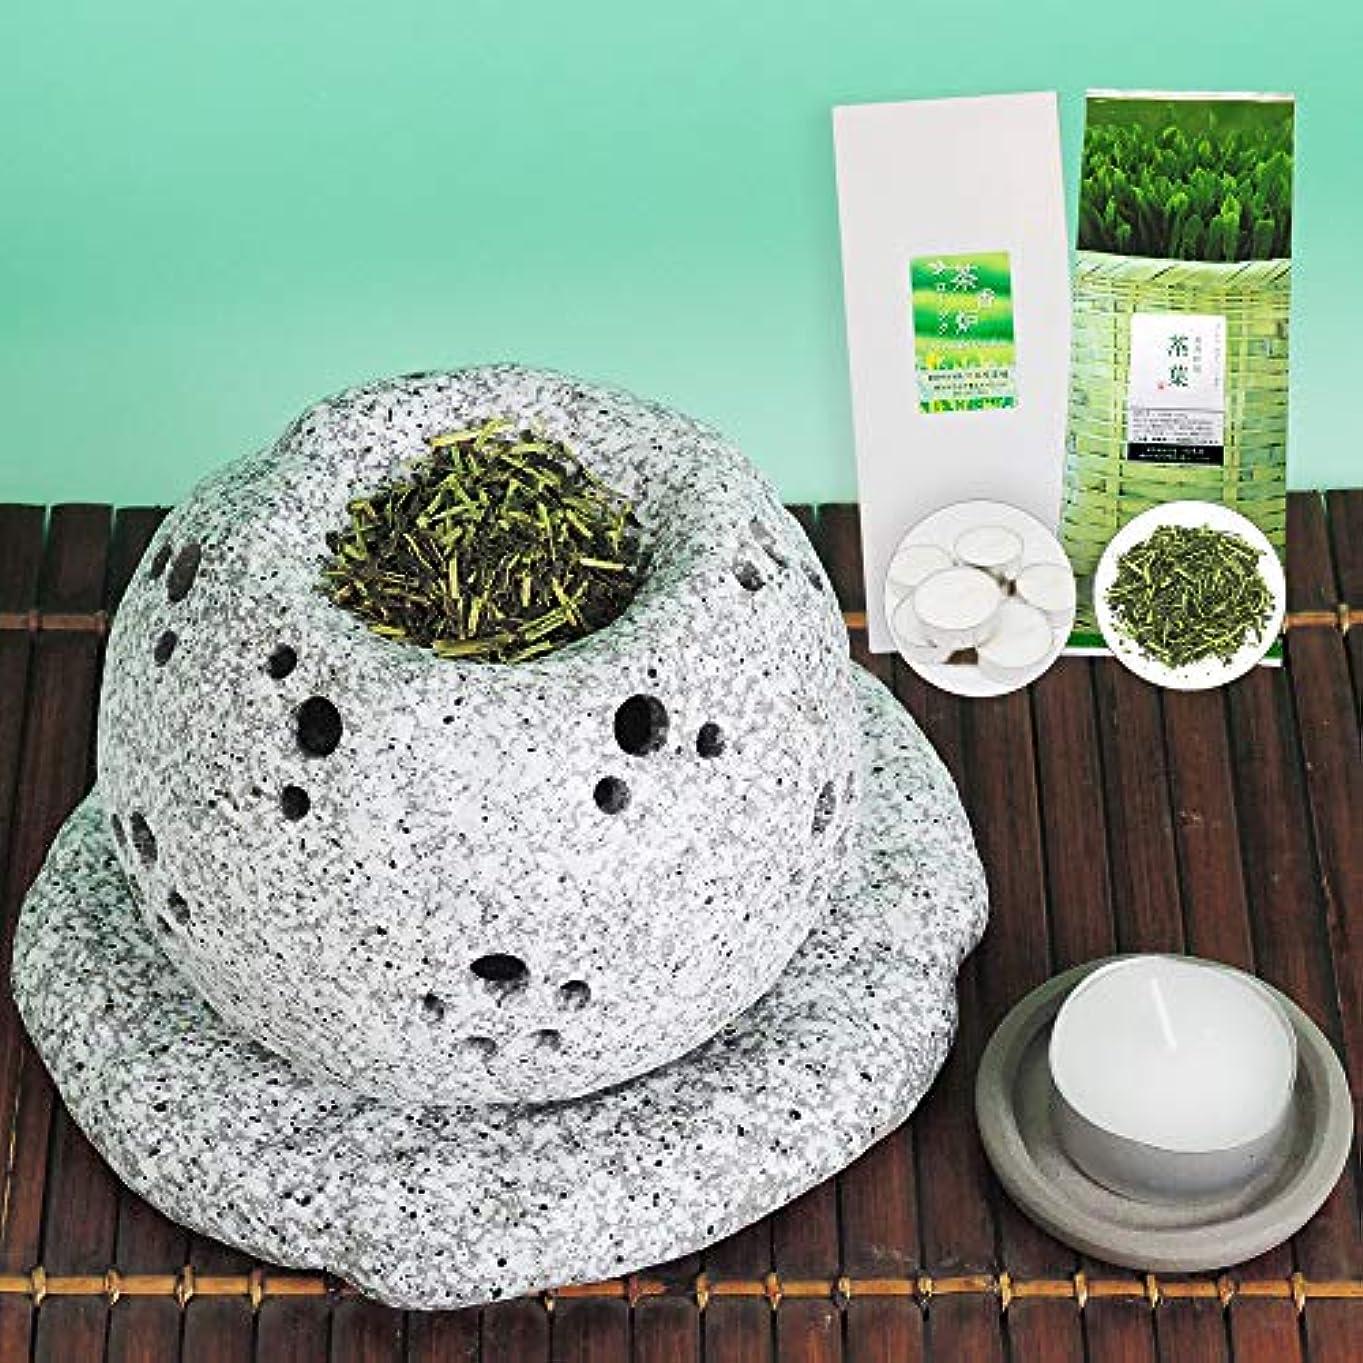 パーセントカニ拾う元祖 茶香炉セット 茶香炉専用茶葉&ローソク付 川本屋茶舗